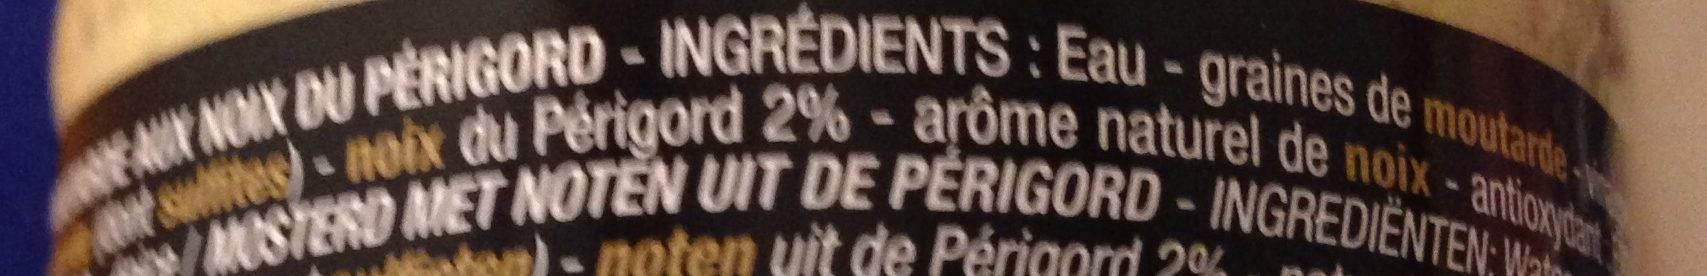 Moutarde aux noix du Perigord - Ingredients - fr